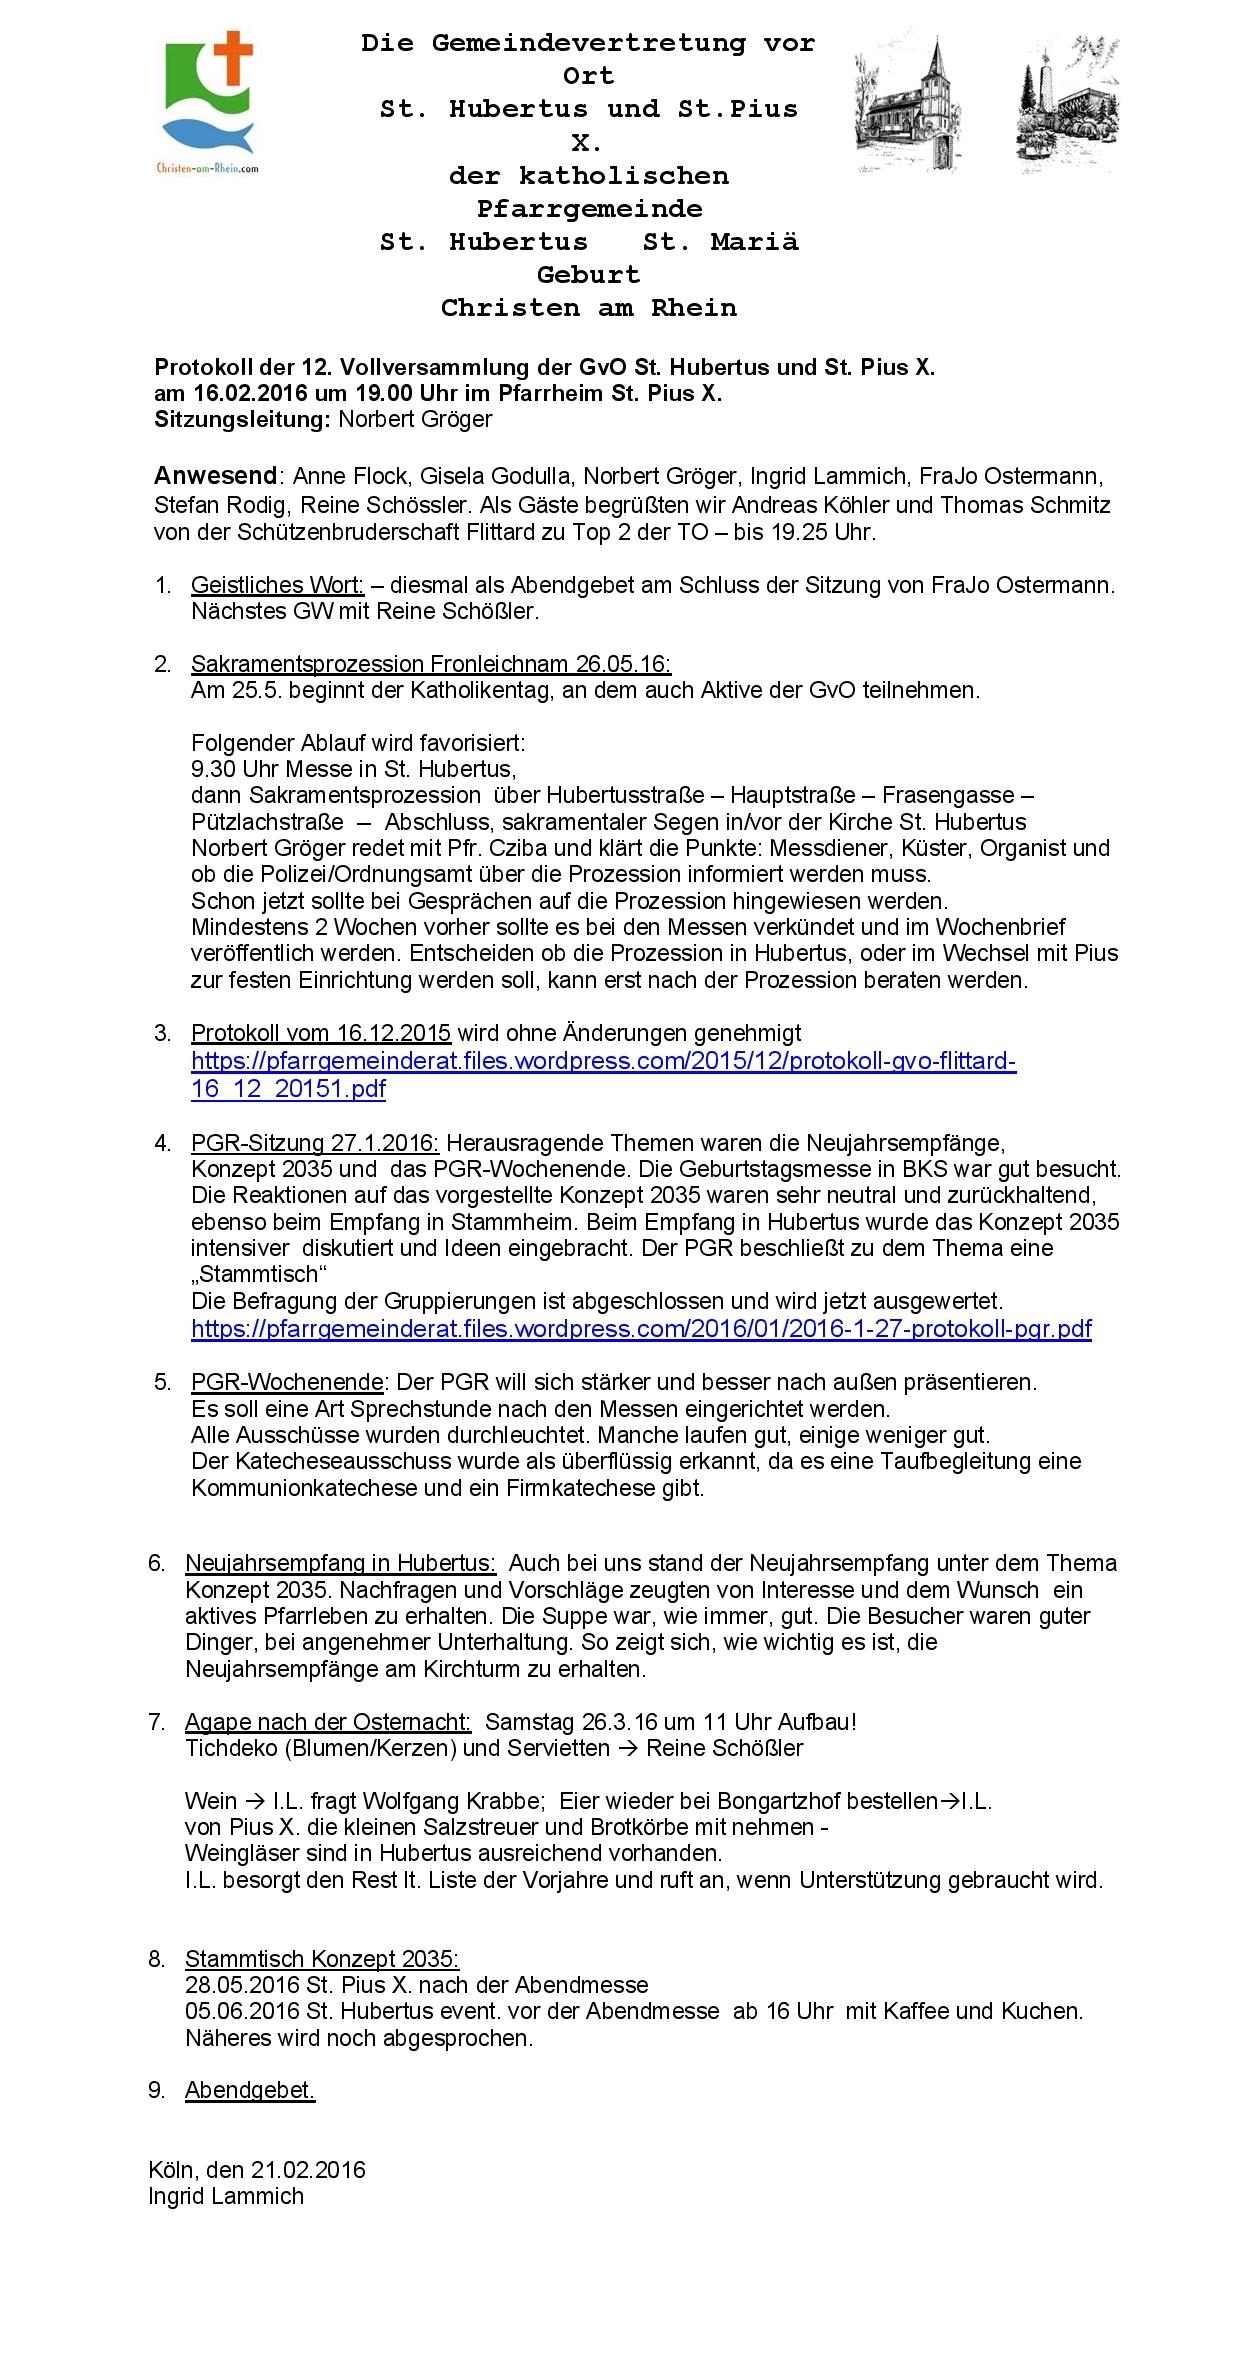 Protokoll GvO Flittard 16.02.2016-1